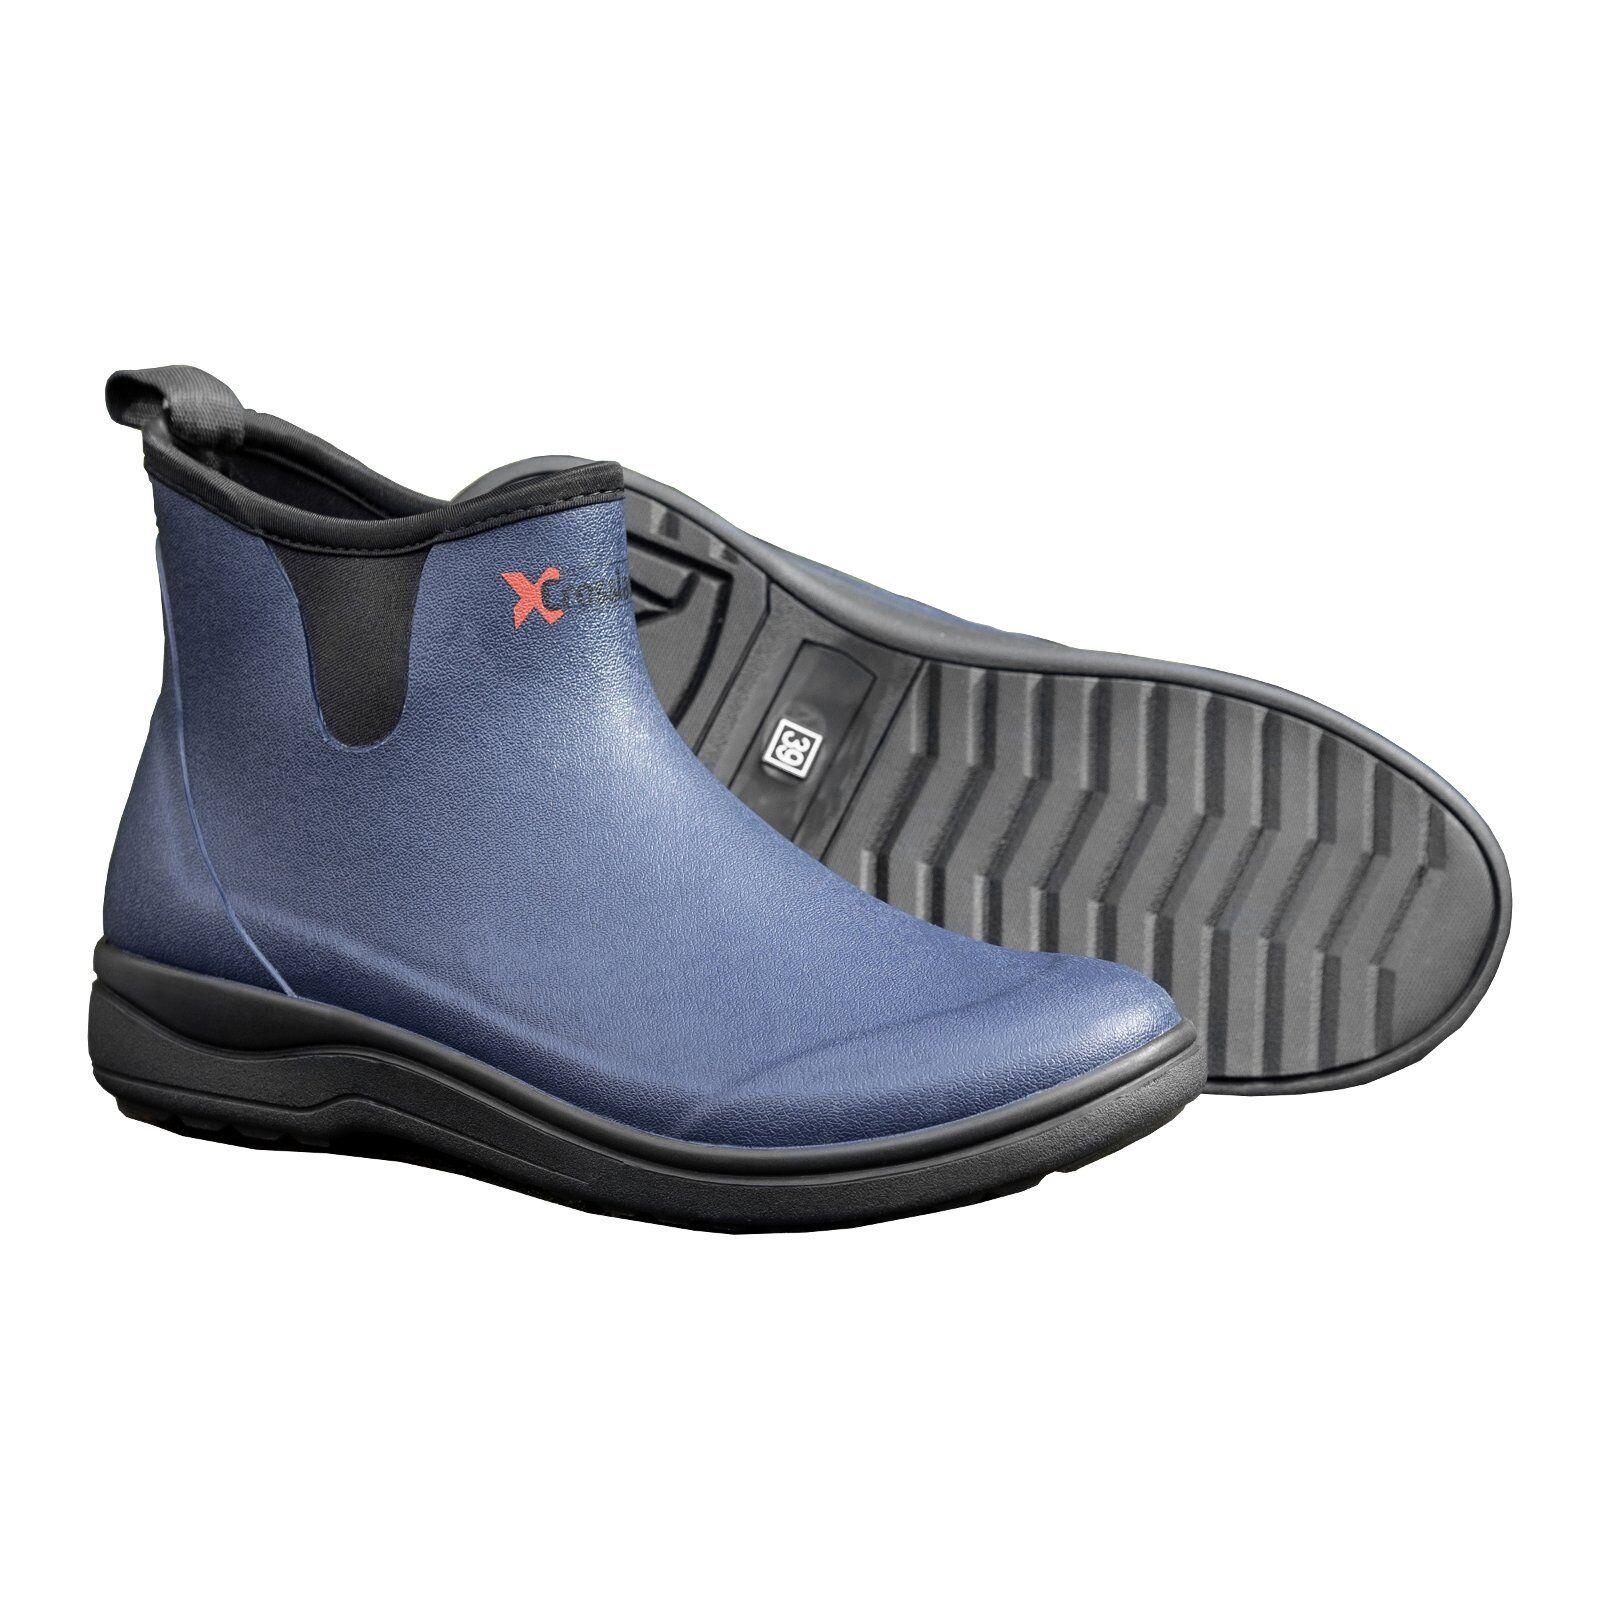 Crosslander outdoor botas Malmö marine 43 botas botas de invierno, botas de lluvia